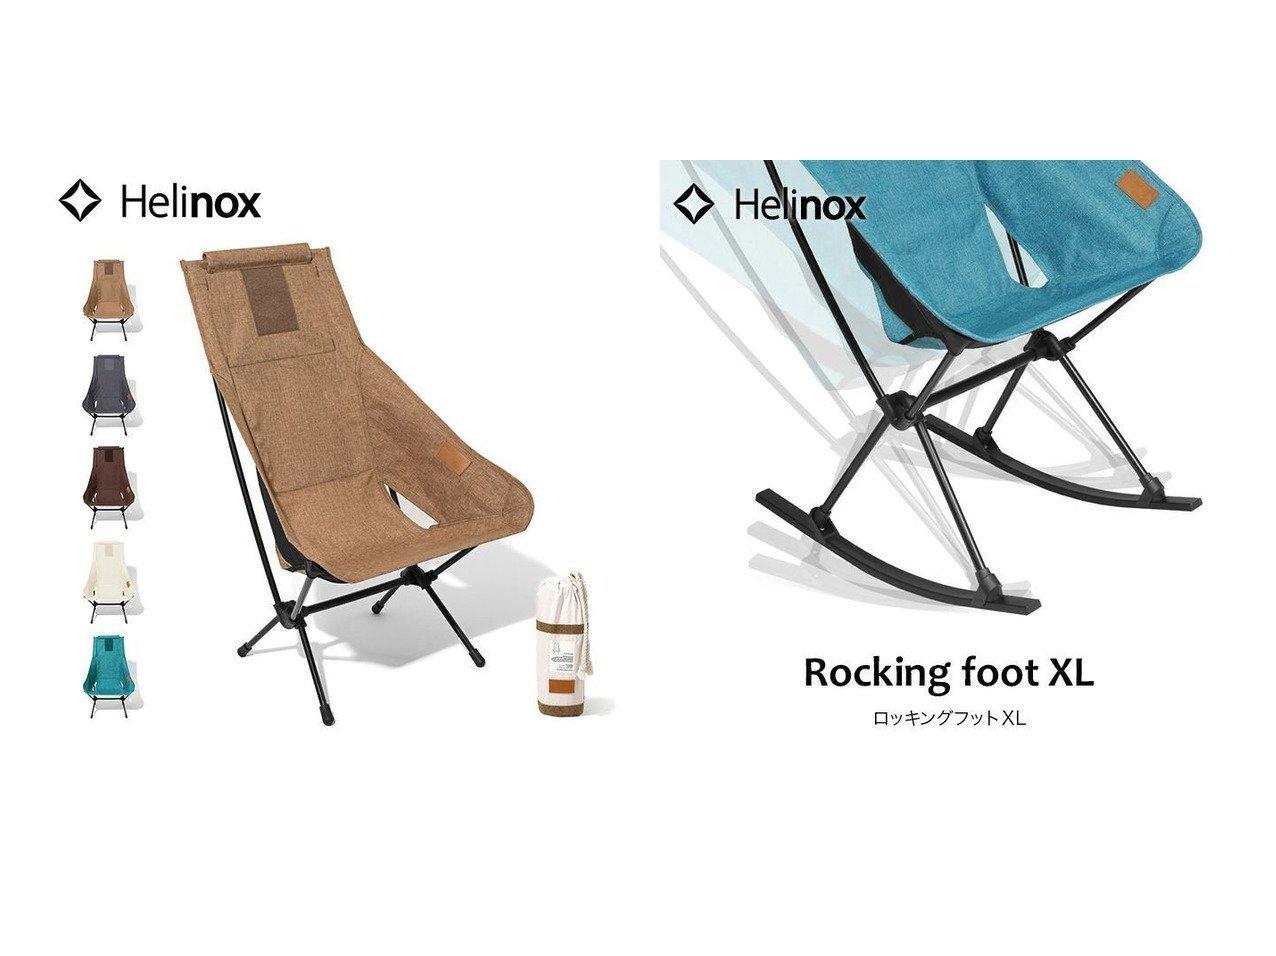 【Helinox/ヘリノックス】のチェア ツー HOME&ロッキングフットXL おすすめ!人気キャンプ・アウトドア用品の通販 おすすめで人気の流行・トレンド、ファッションの通販商品 メンズファッション・キッズファッション・インテリア・家具・レディースファッション・服の通販 founy(ファニー) https://founy.com/ フレーム リラックス アクセサリー ホーム・キャンプ・アウトドア Home,Garden,Outdoor,Camping Gear キャンプ用品・アウトドア  Camping Gear & Outdoor Supplies チェア テーブル Camp Chairs, Camping Tables ホーム・キャンプ・アウトドア Home,Garden,Outdoor,Camping Gear キャンプ用品・アウトドア  Camping Gear & Outdoor Supplies その他 雑貨 小物 Camping Tools |ID:crp329100000035815